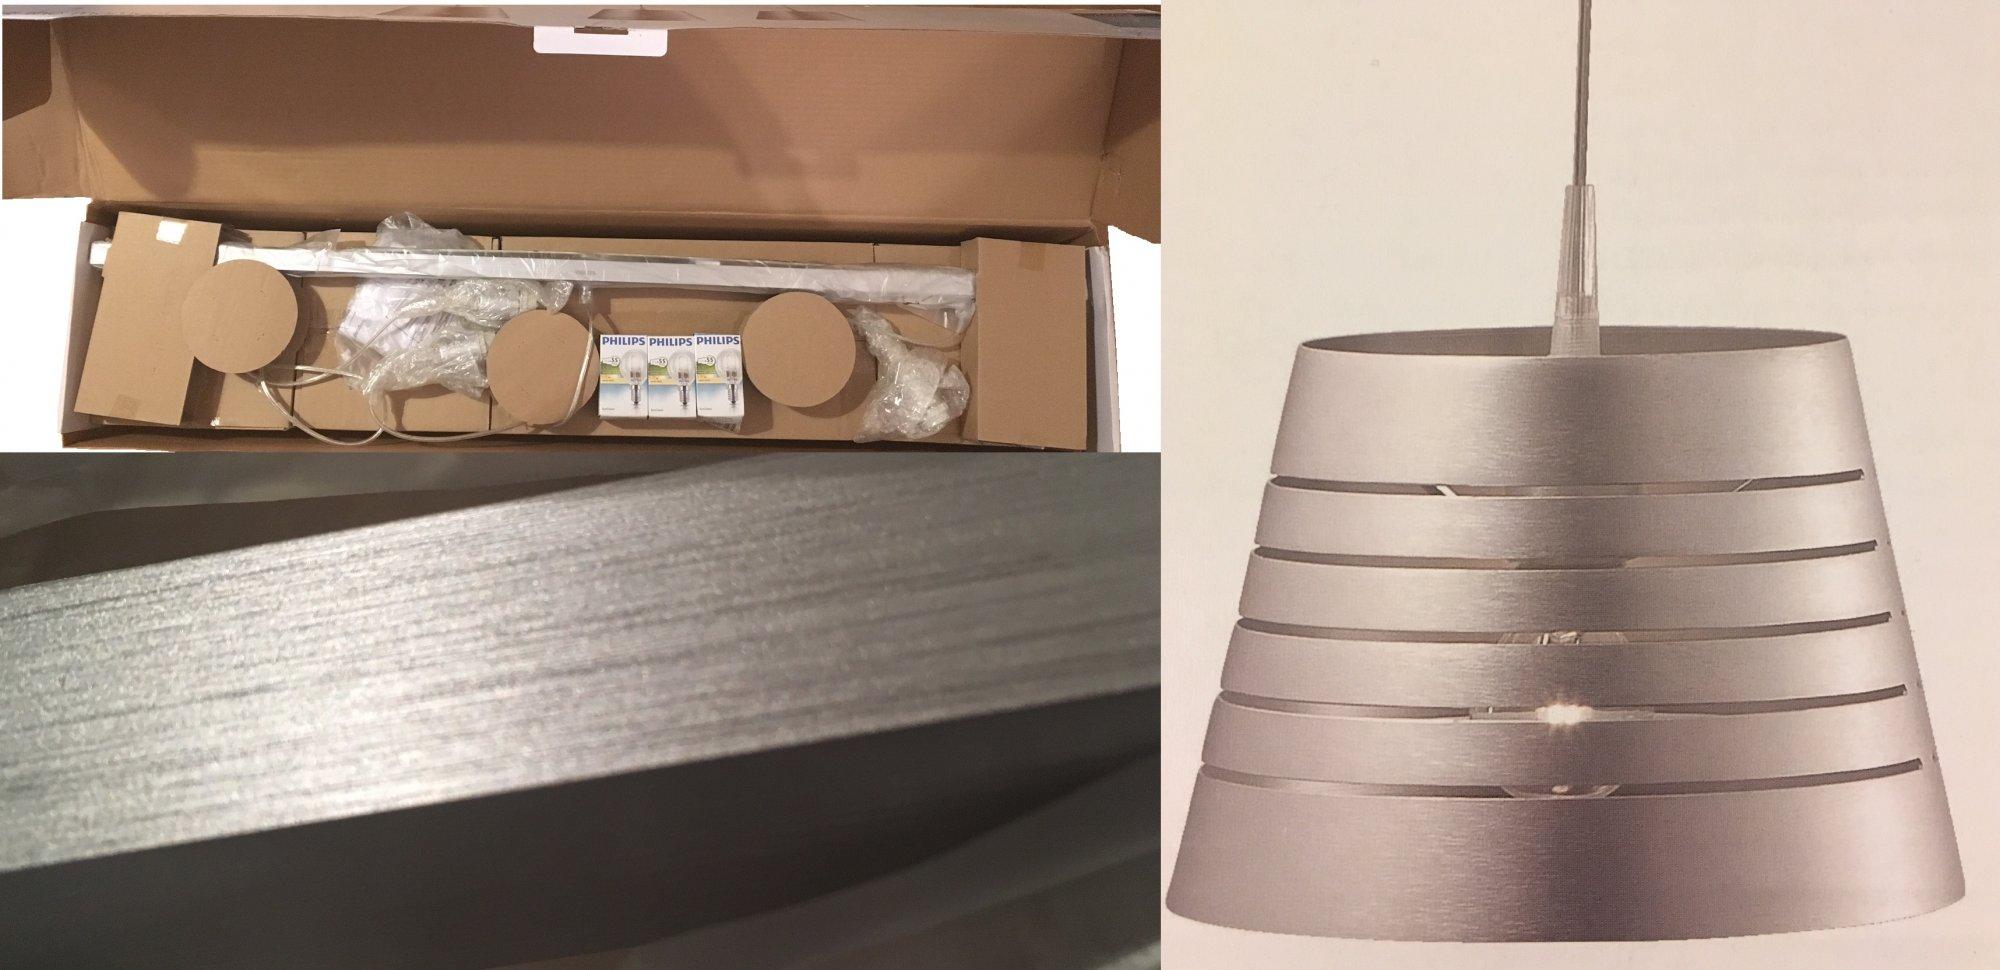 B-WARE Philips Pendelleuchte Humber Deckenlampe Licht Hängelampe 3x42W Alu NEU